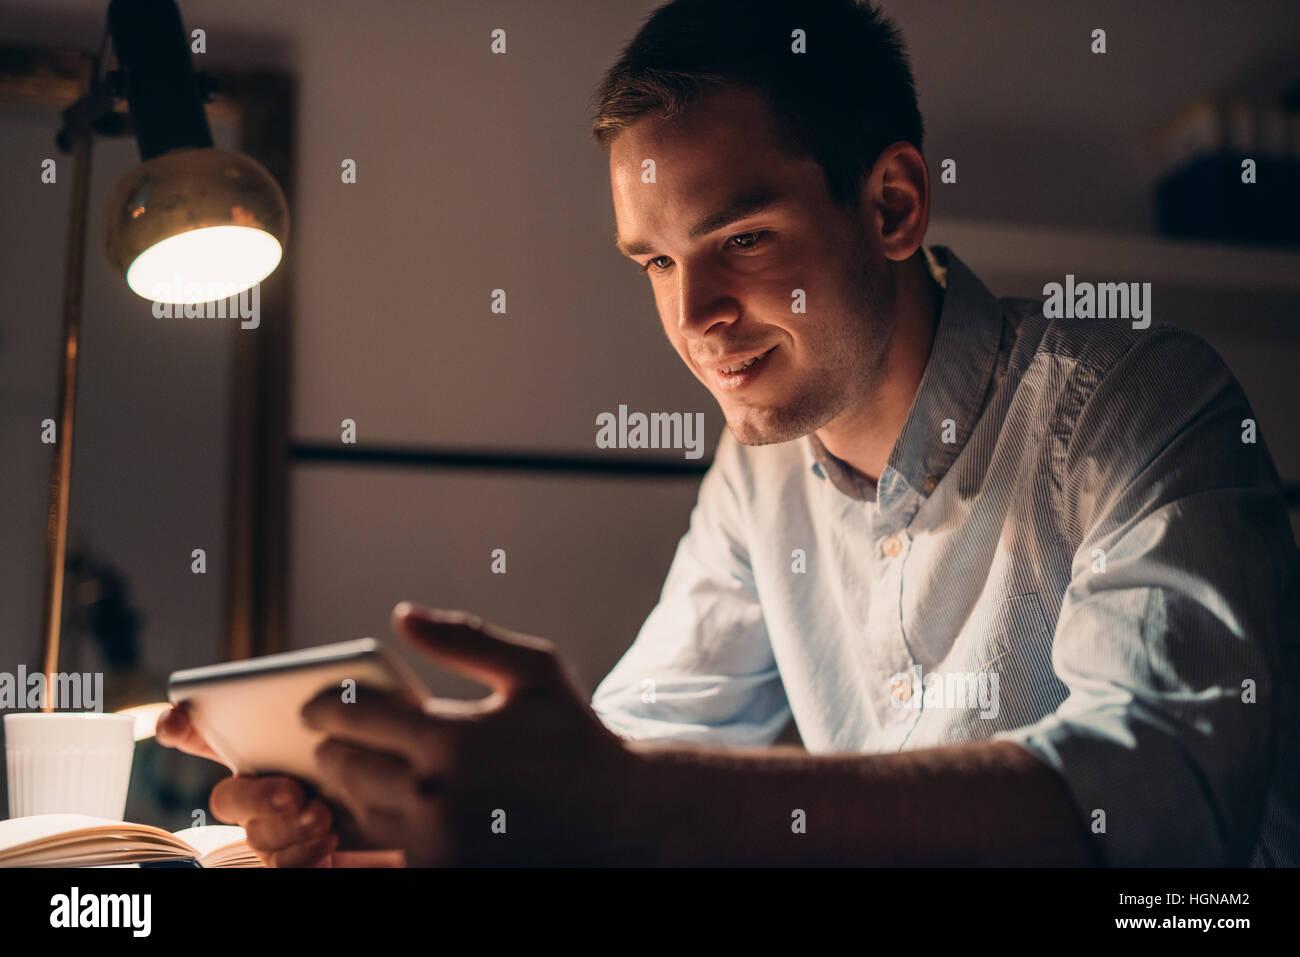 Lächelnde junge Geschäftsmann arbeitet mit einer Tablette spät in die Nacht Stockbild